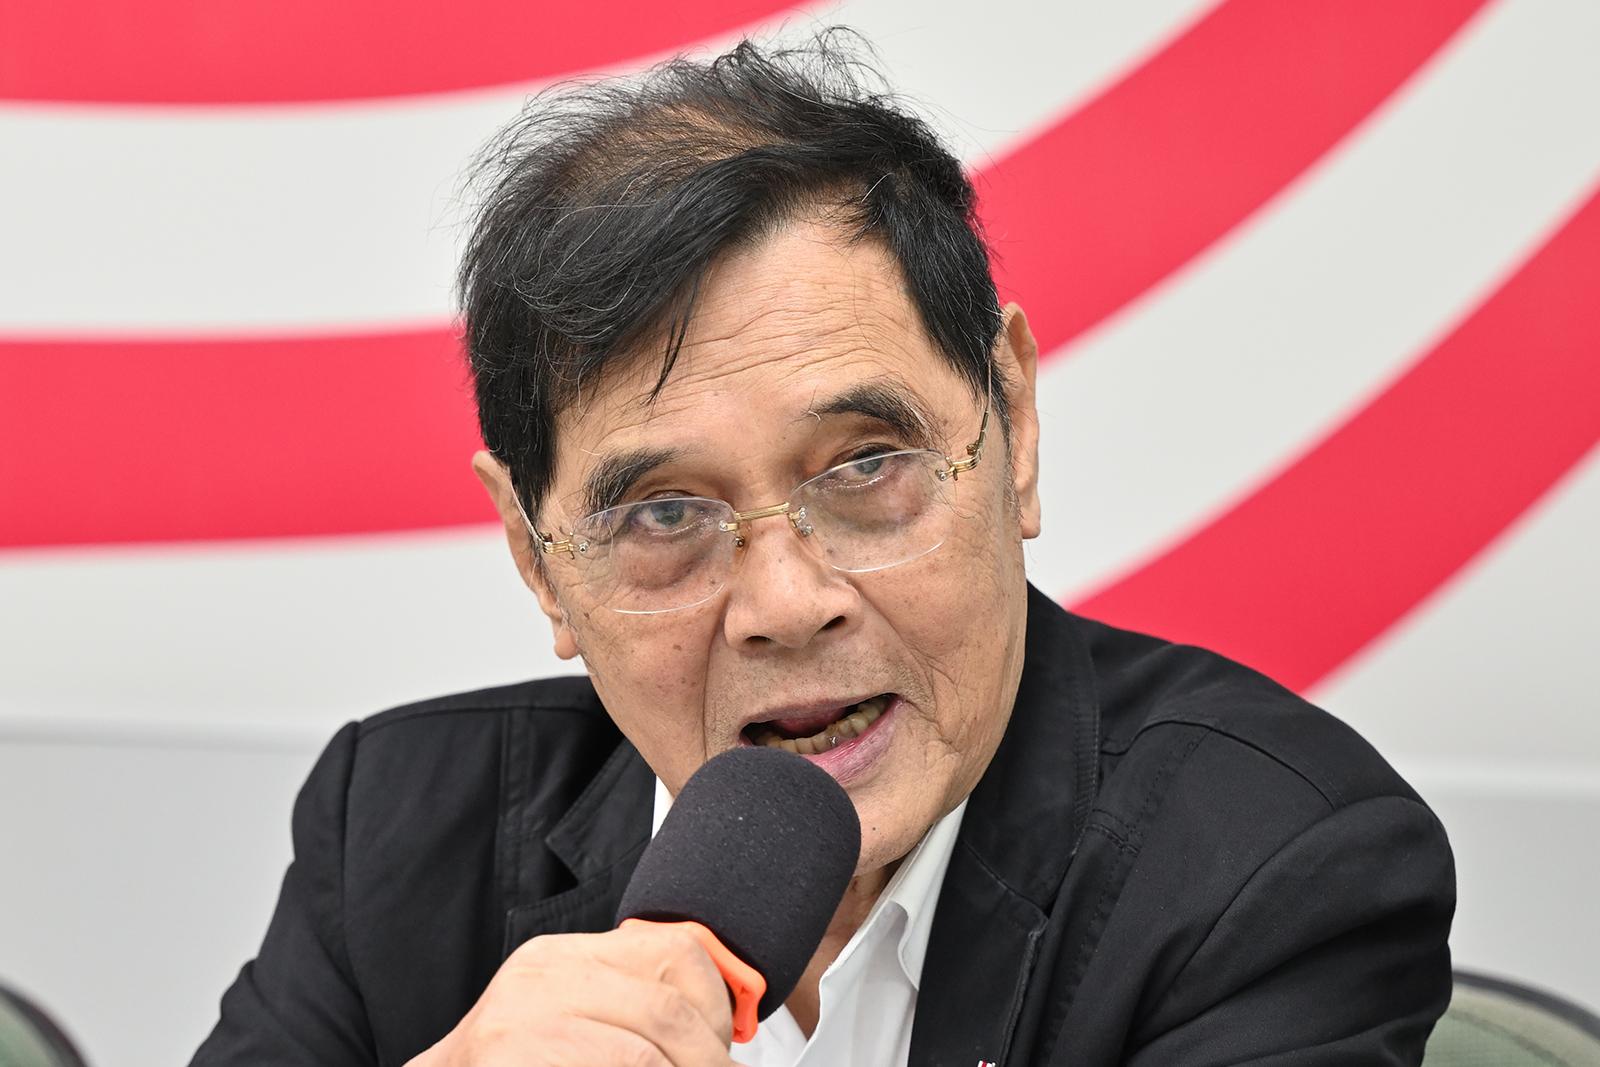 2021年1月12日,台獨聯盟主席陳南天:中華民國不將國號更改為台灣,無法再重新加入聯合國。(鍾廣政 攝)